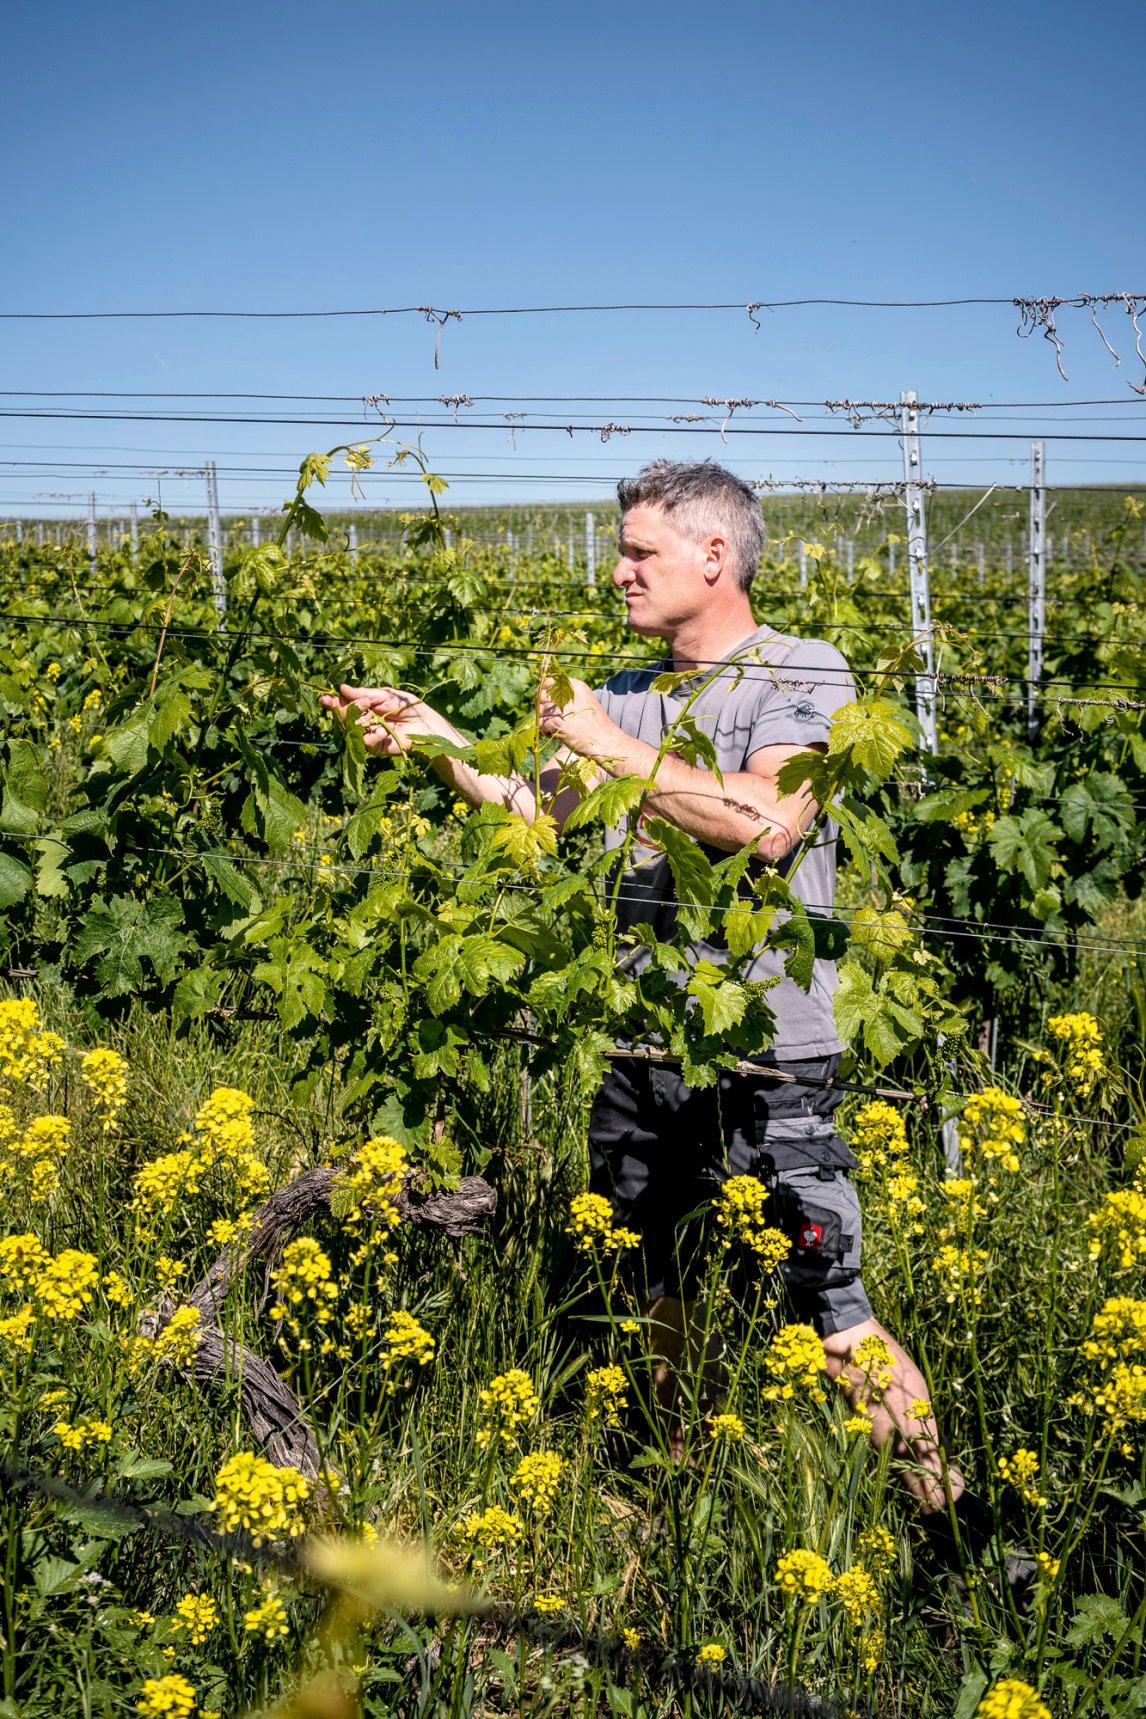 <p>TRAUBENGLÜCK<br /> Weinbauer Martin Linserauf seinem Gut in Freiburg-Opfingen.Zum Ausgleich für Bauland erhält er neue Rebflächen</p>